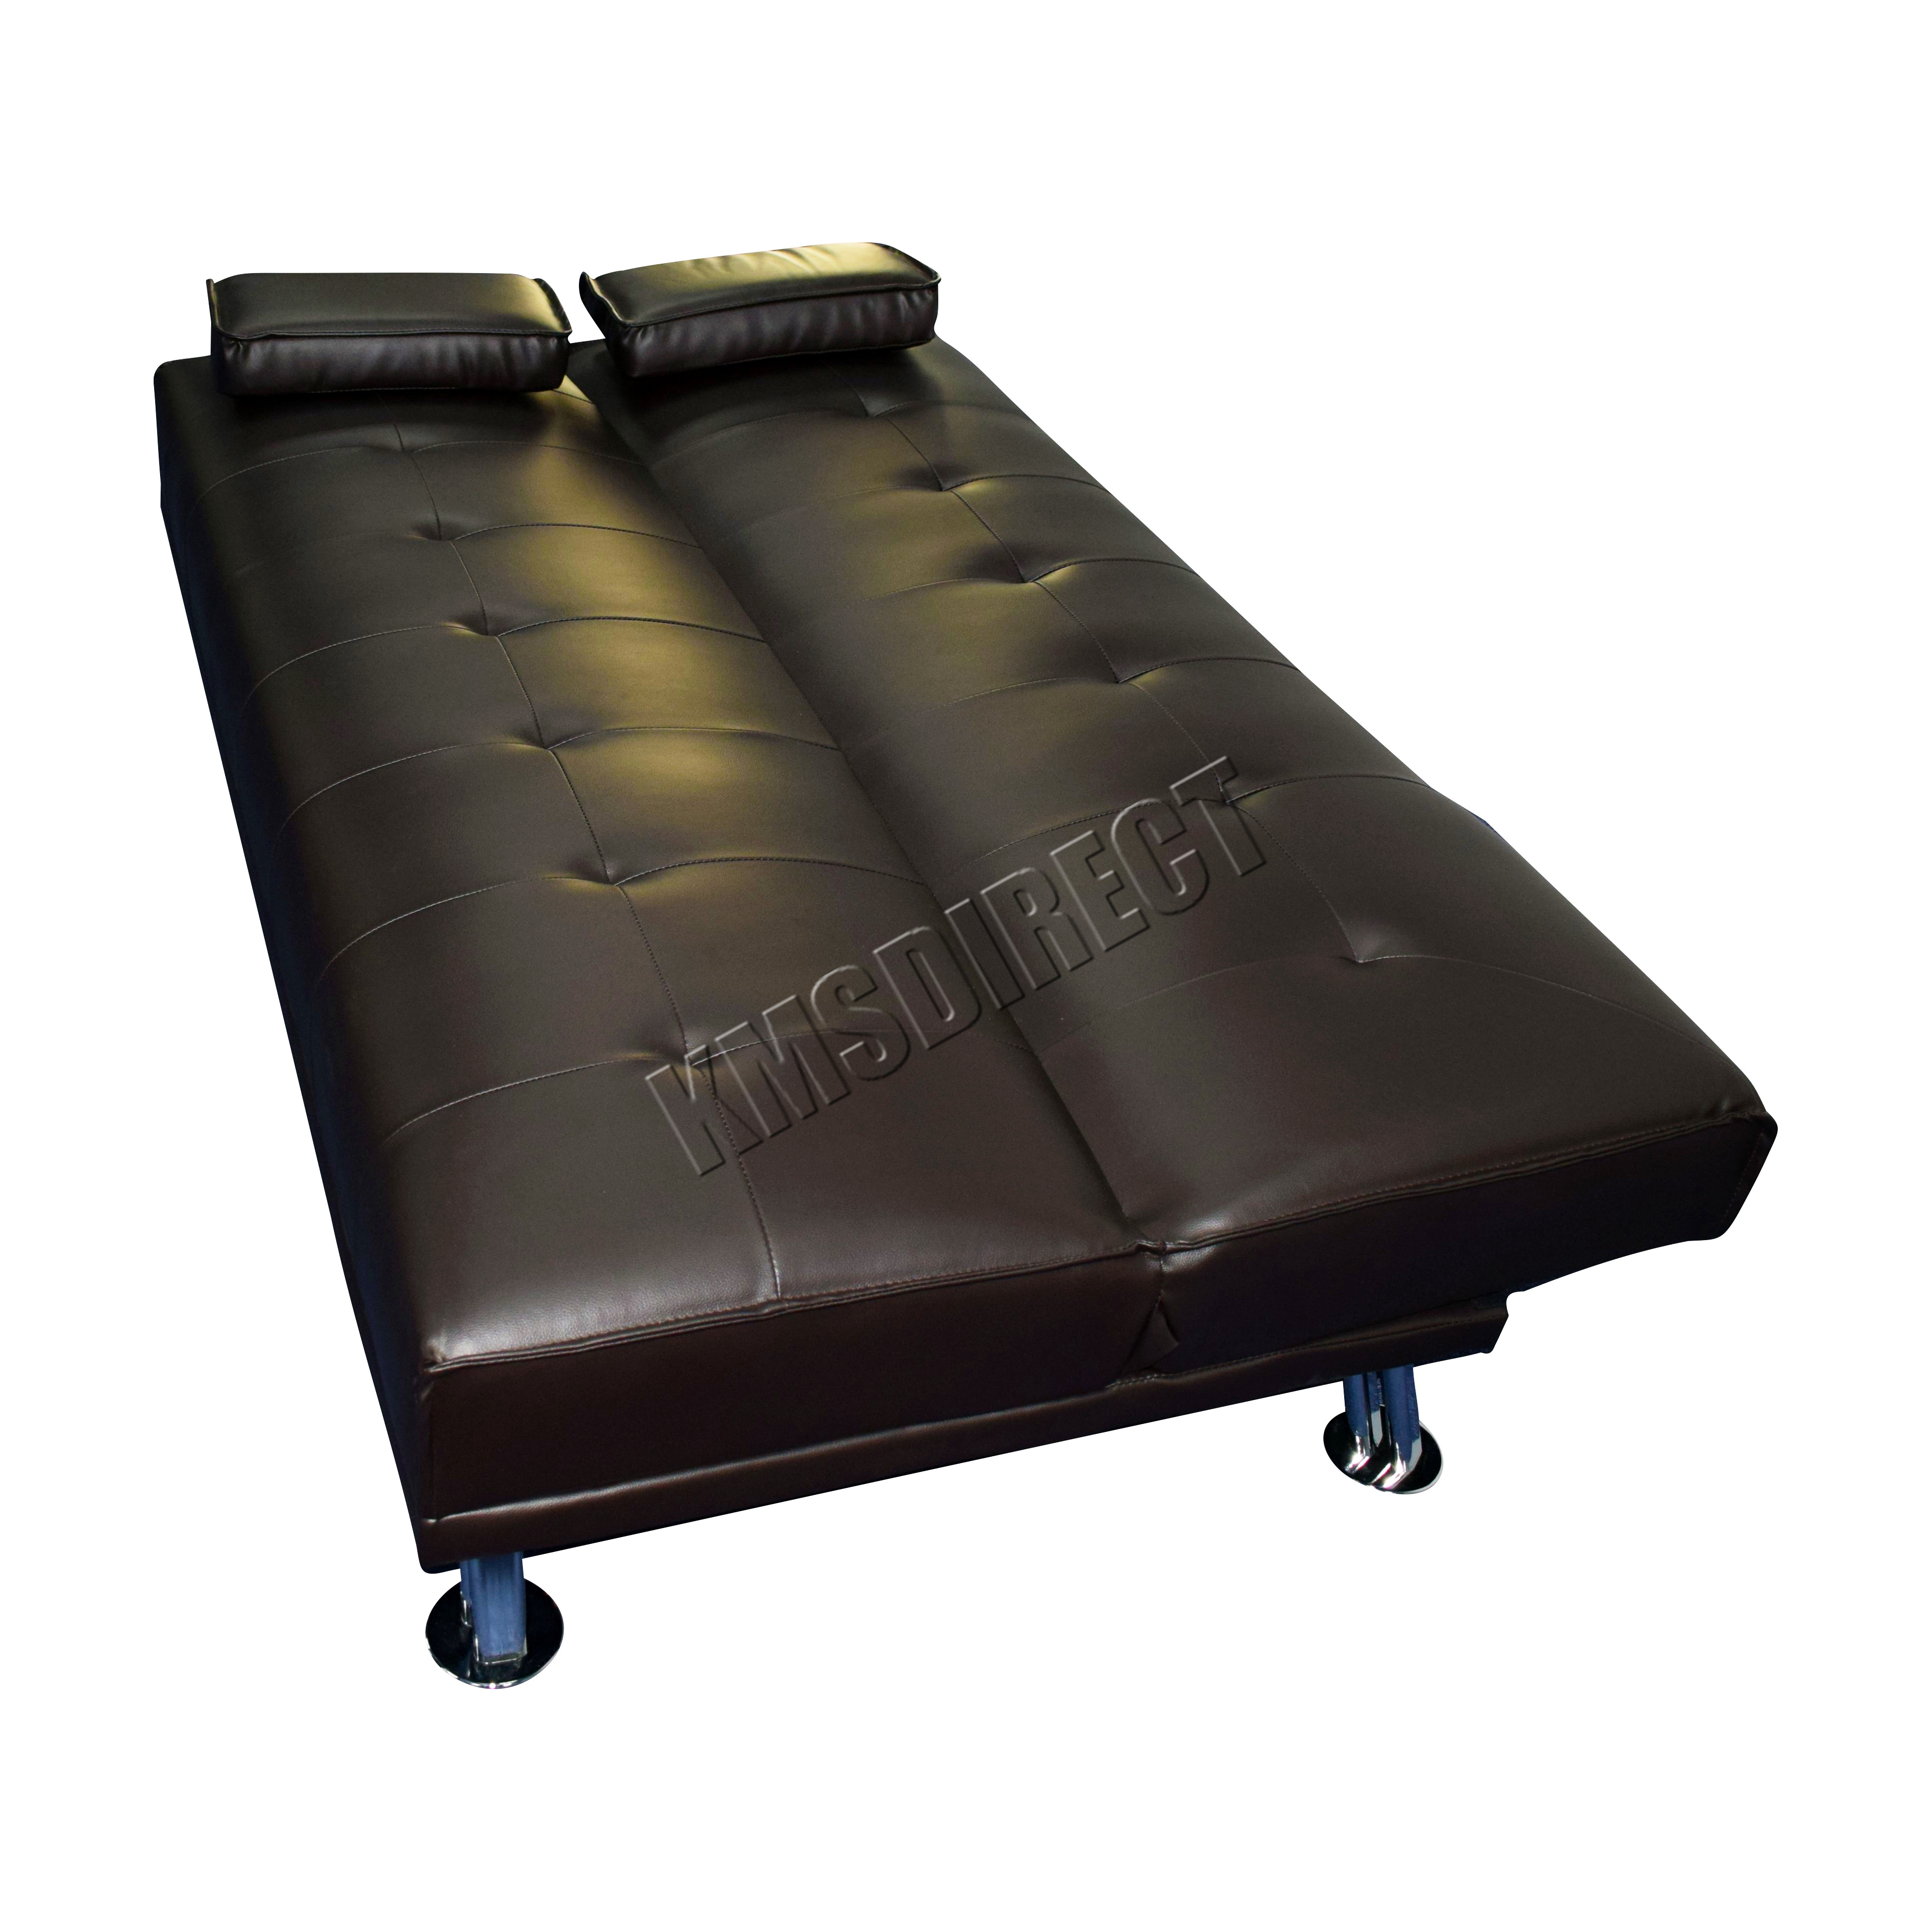 imitacin de cuero grueso sof cama reclinable plazas de lujo del diseo moderno de muebles